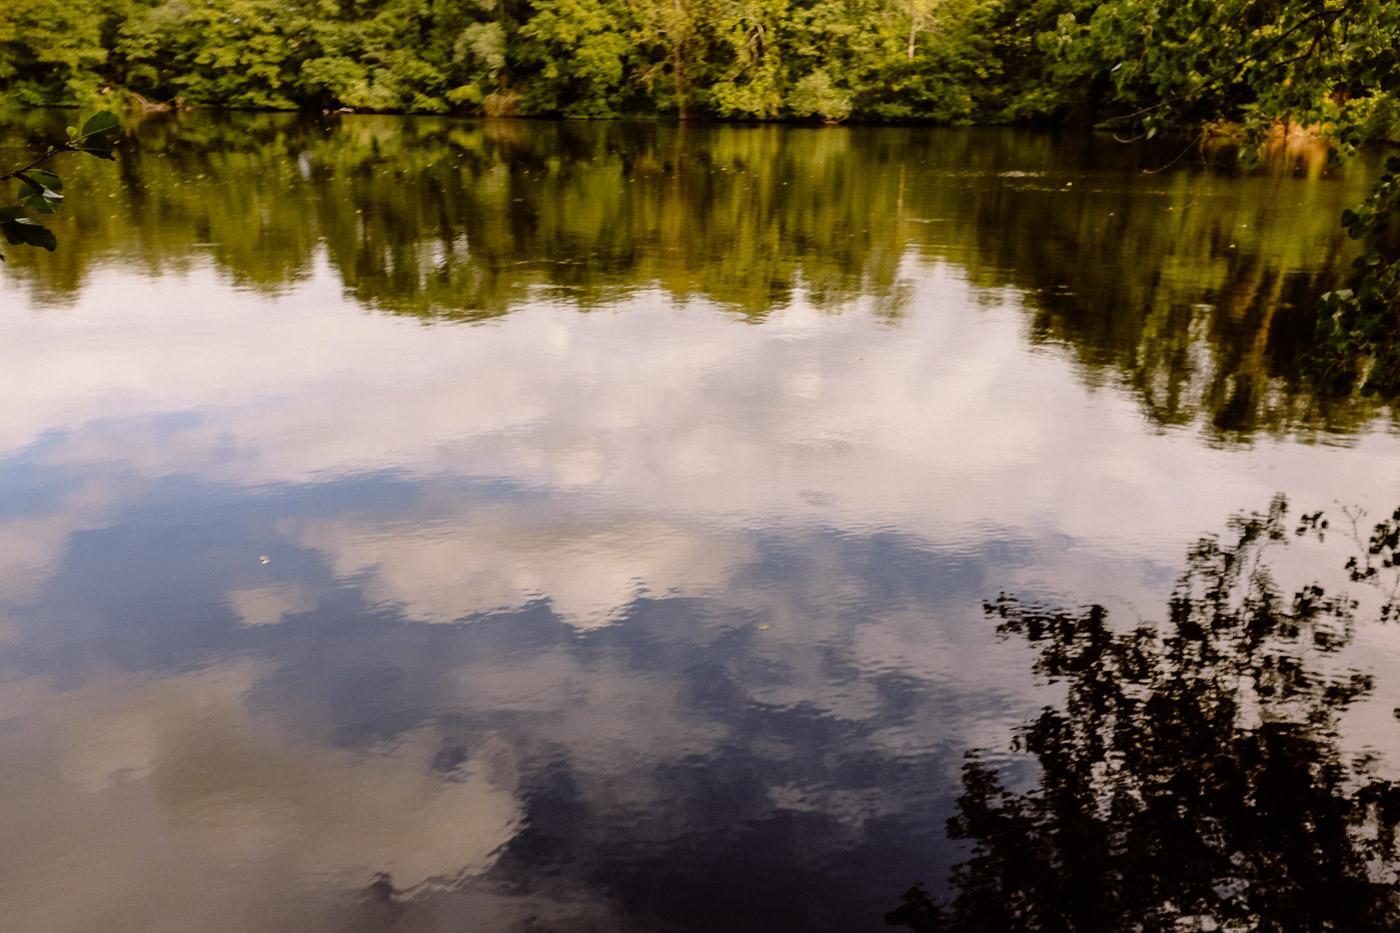 hb images - Inselpark Park - 2